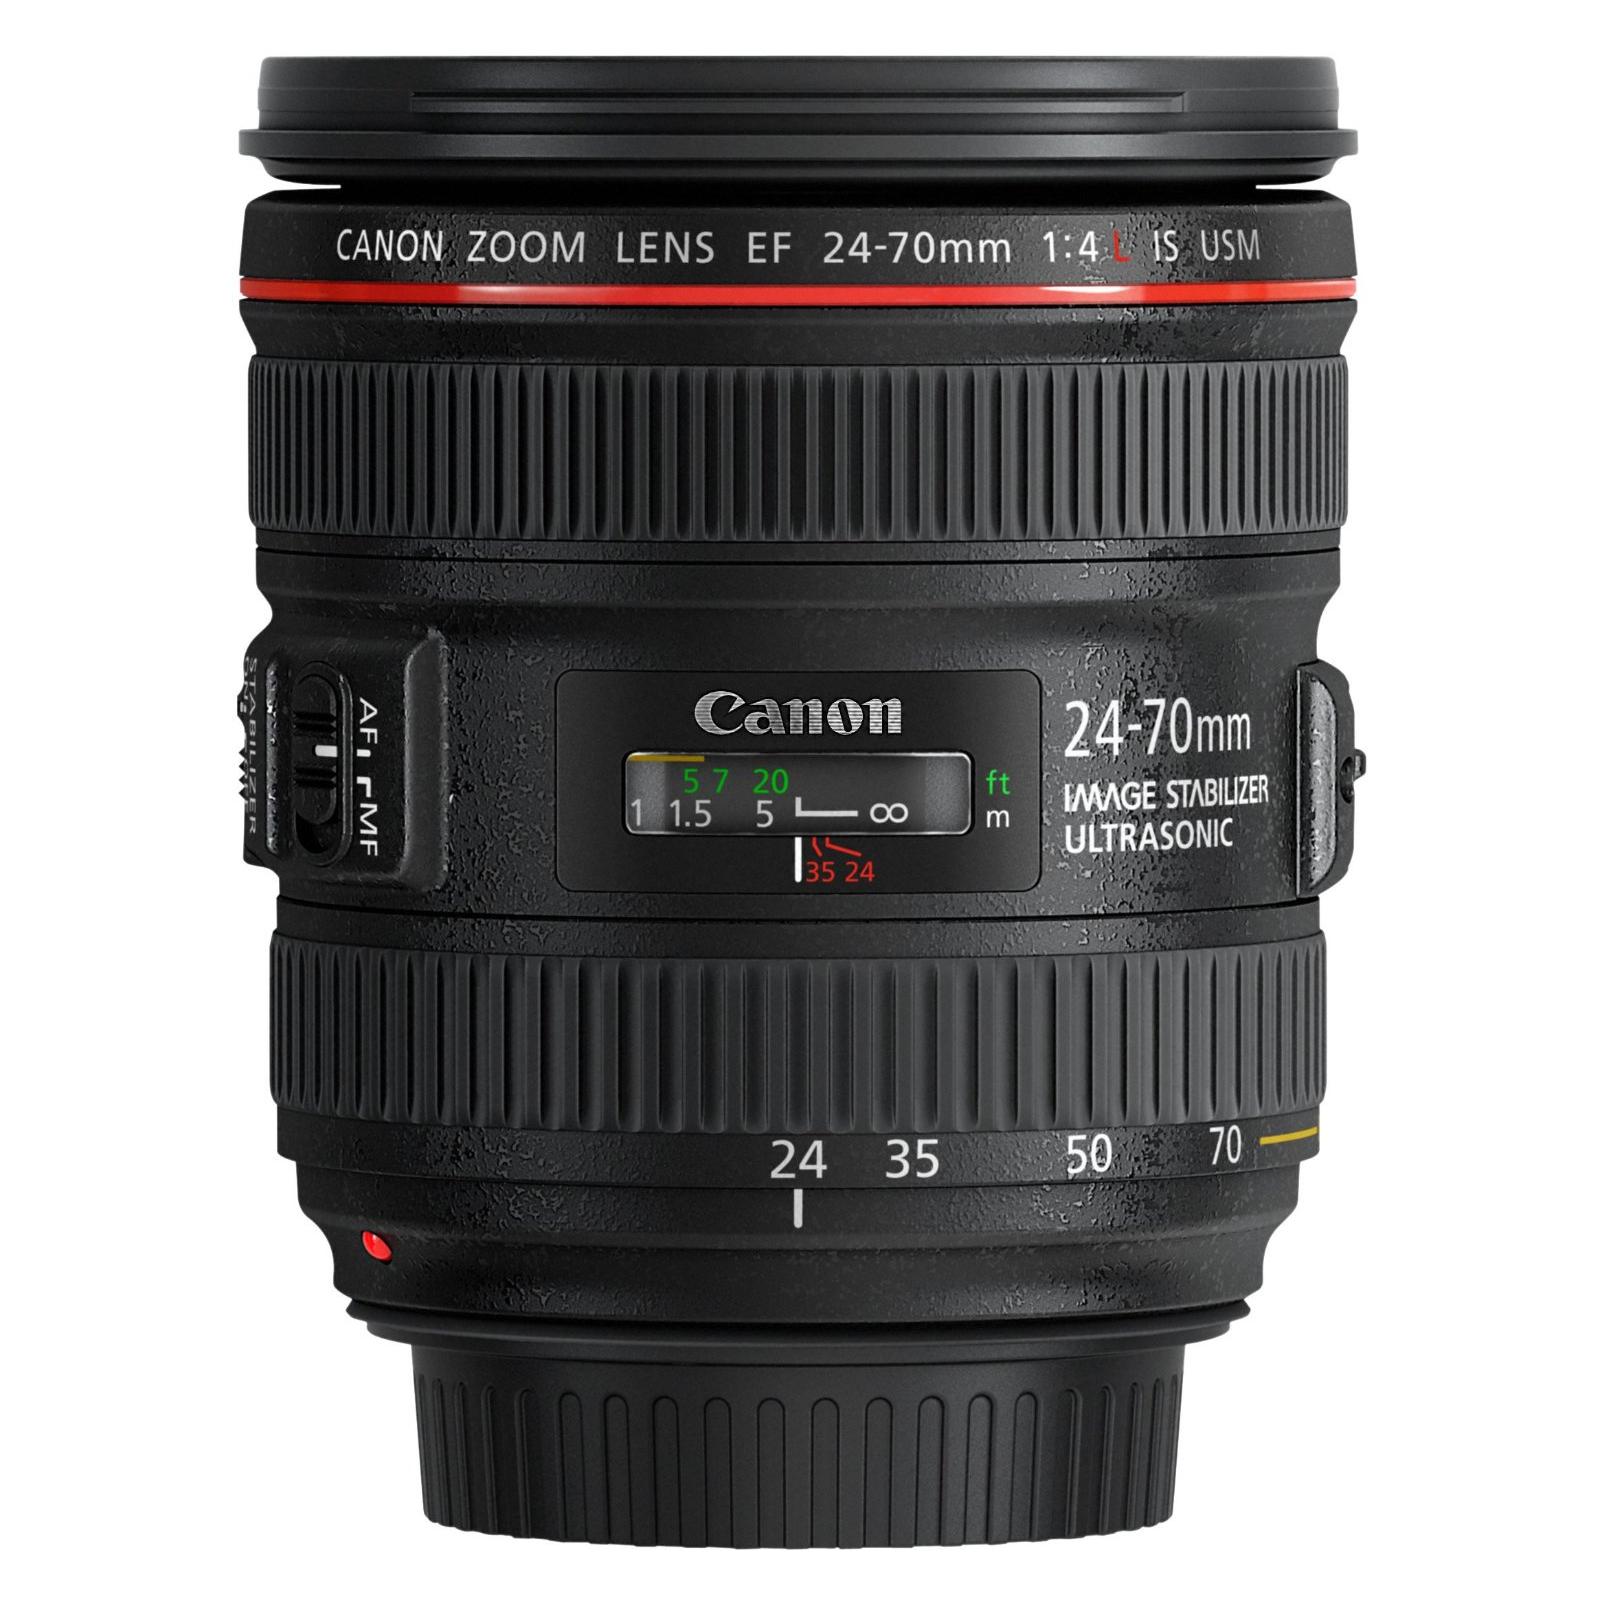 Объектив Canon EF 24-70 F4L IS USM изображение 4